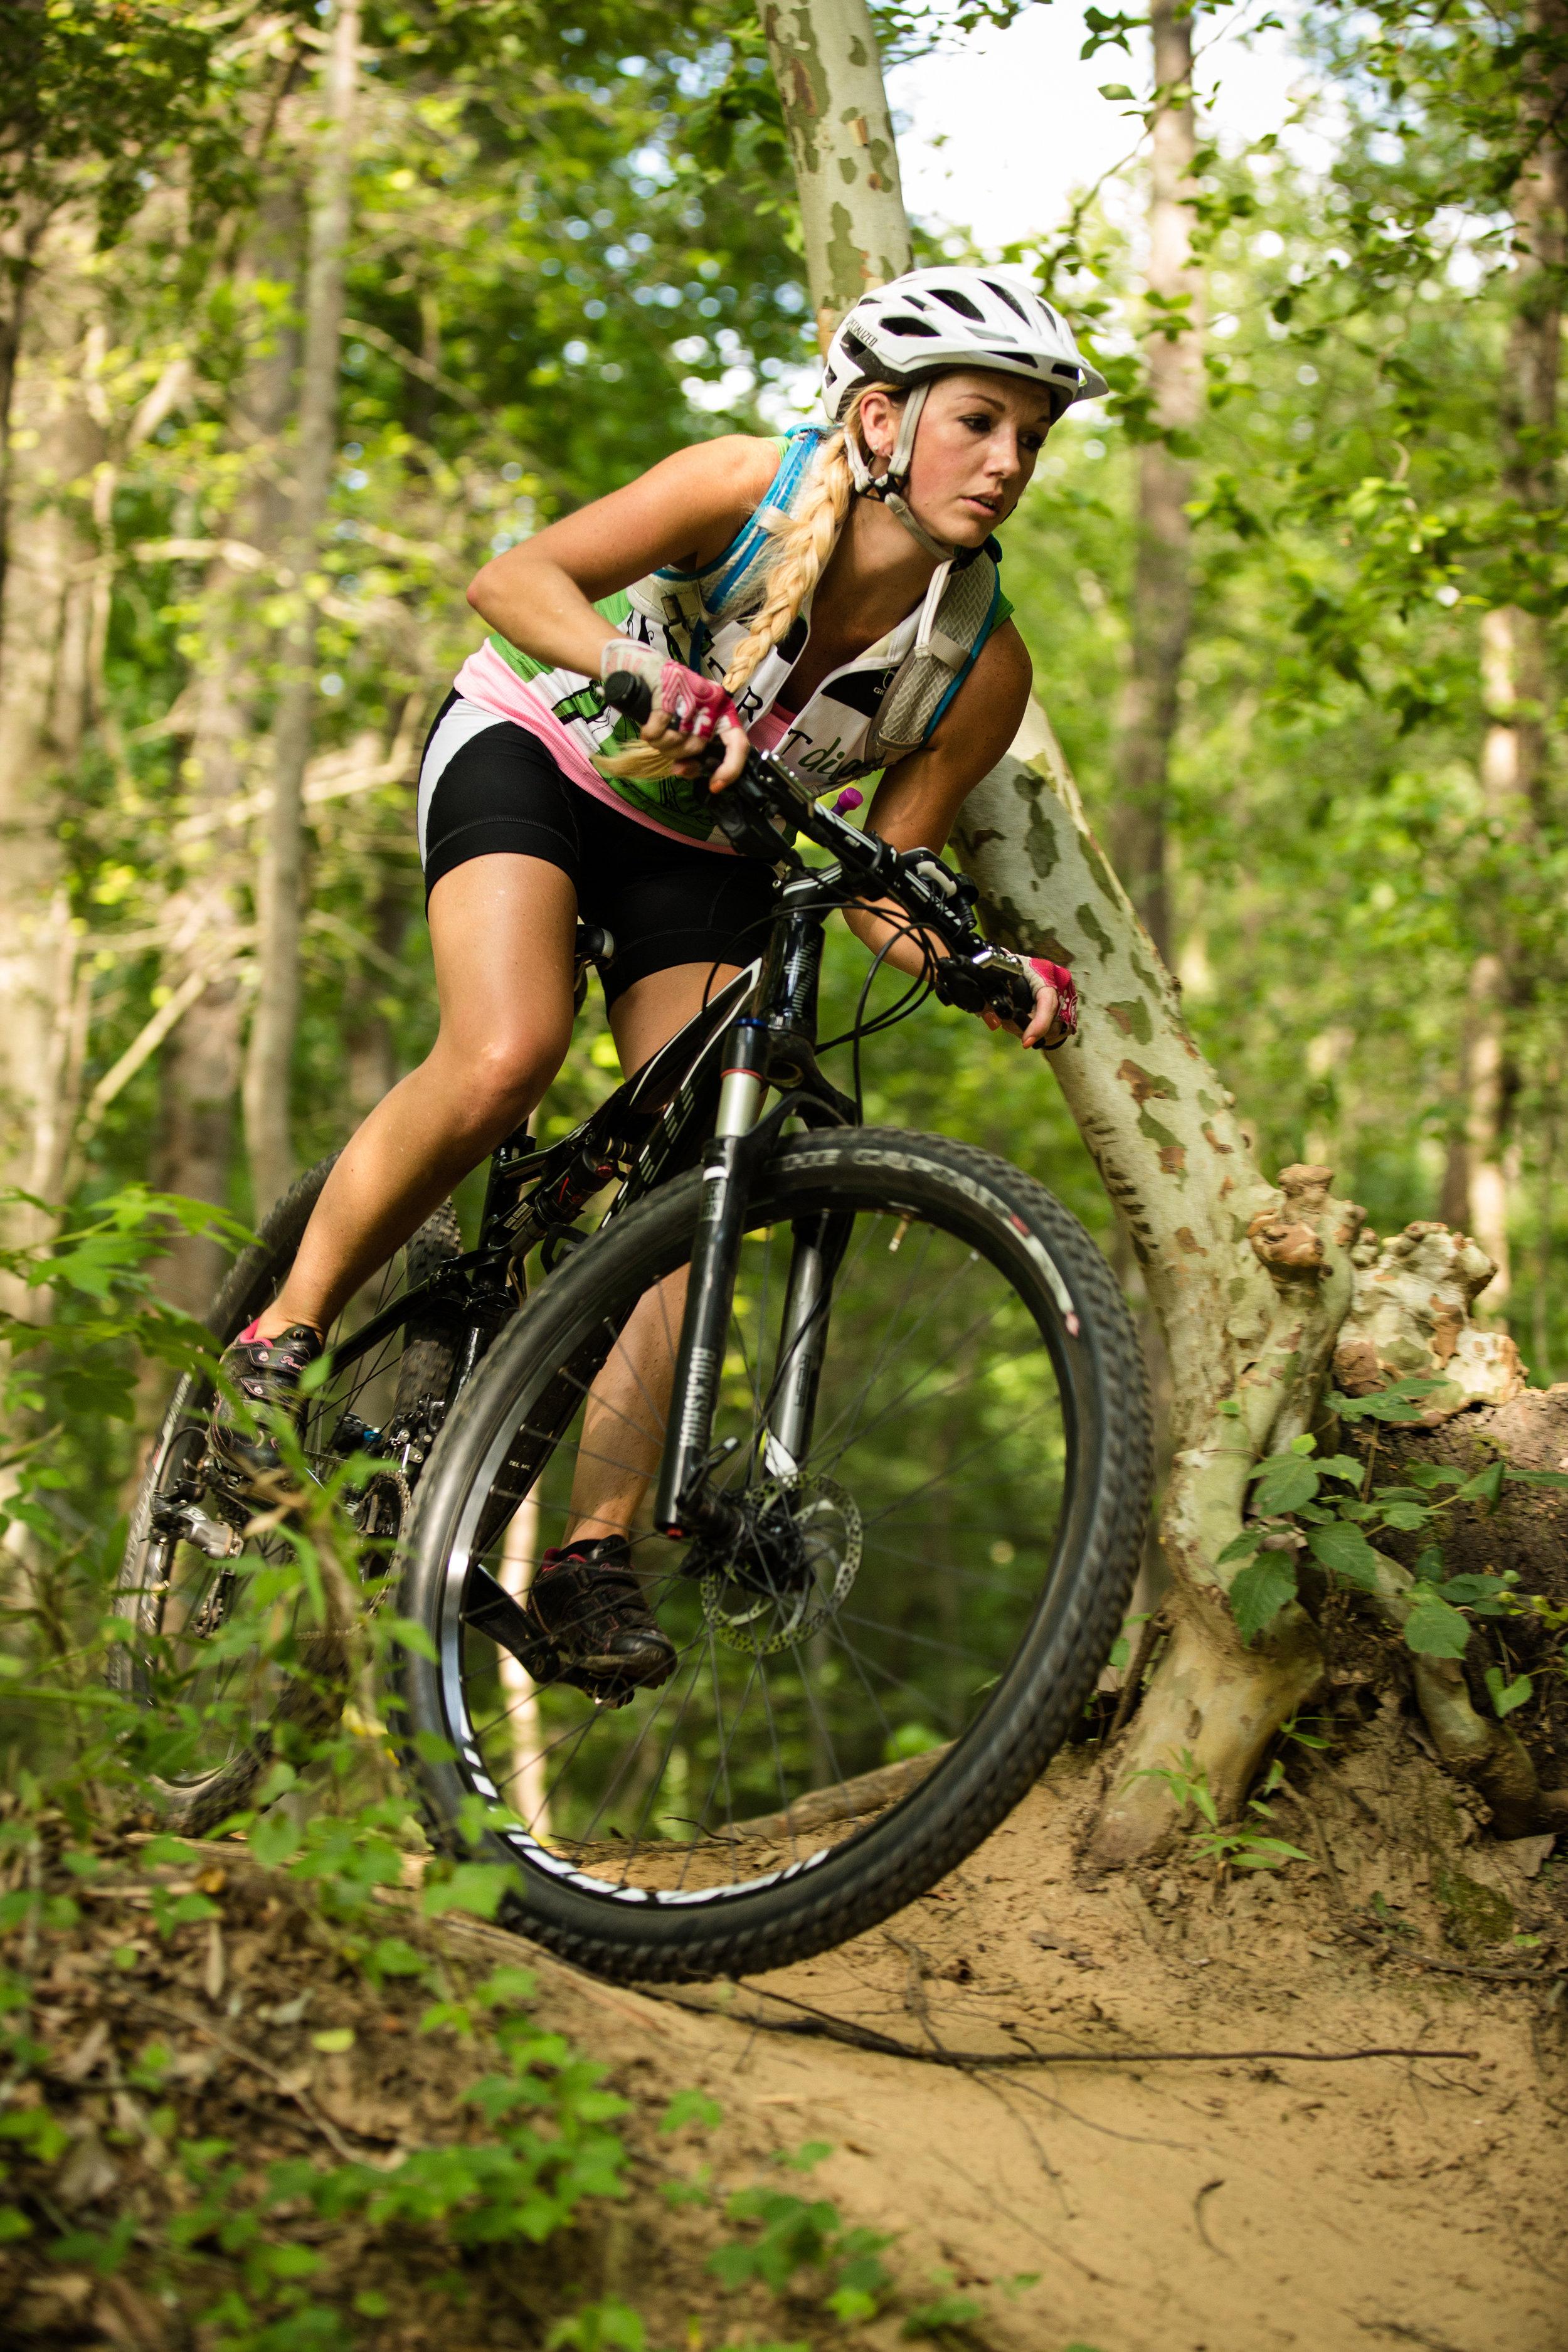 usnwc_rustywilliams_mountain_bike_girl.jpg